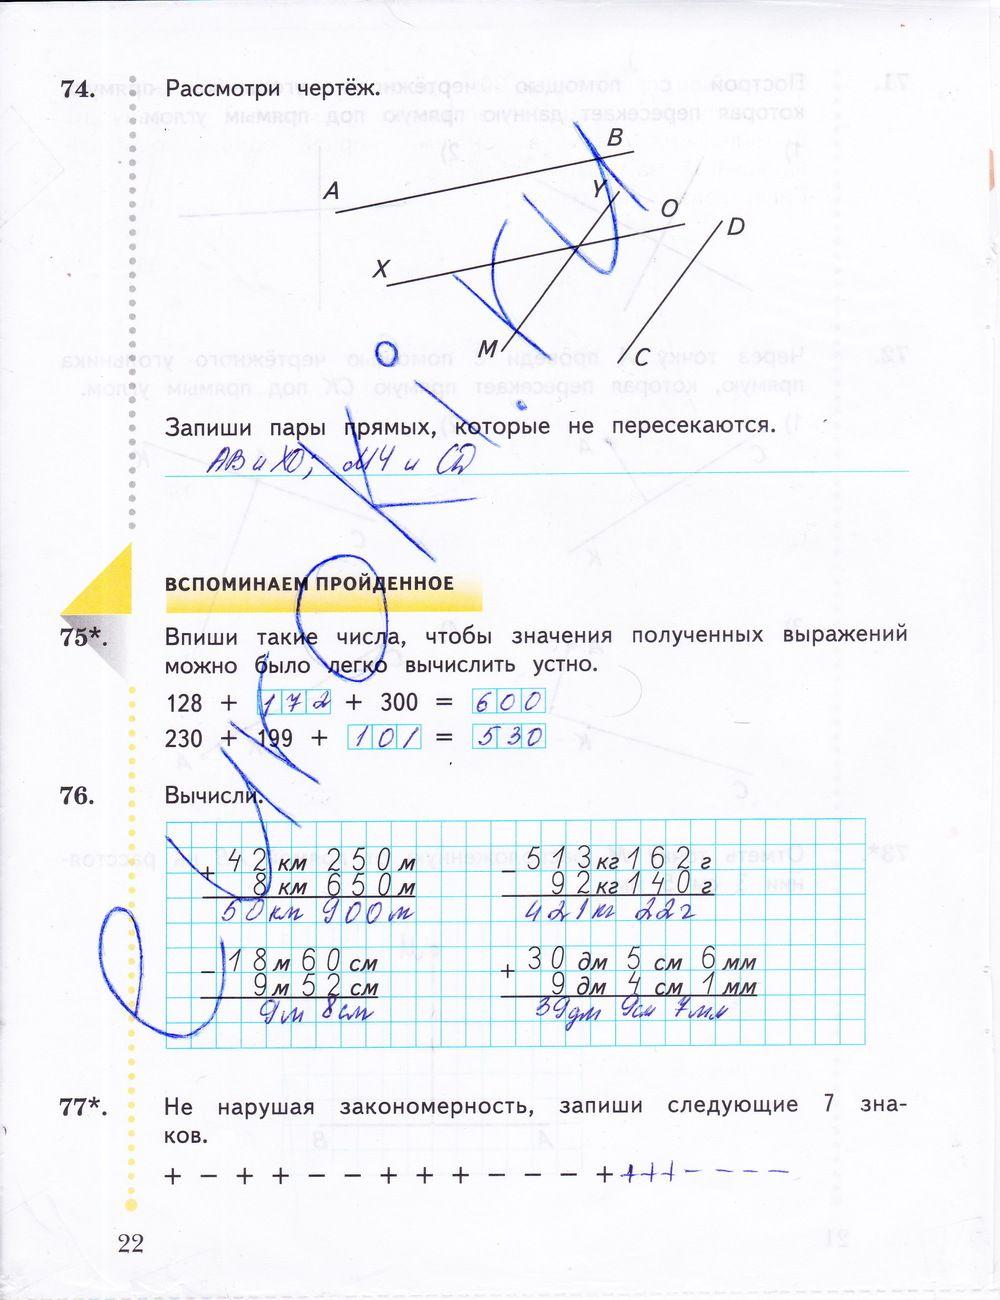 Скачать бесплатно готовые домашние задания 2 класса рудницкая и юдачева